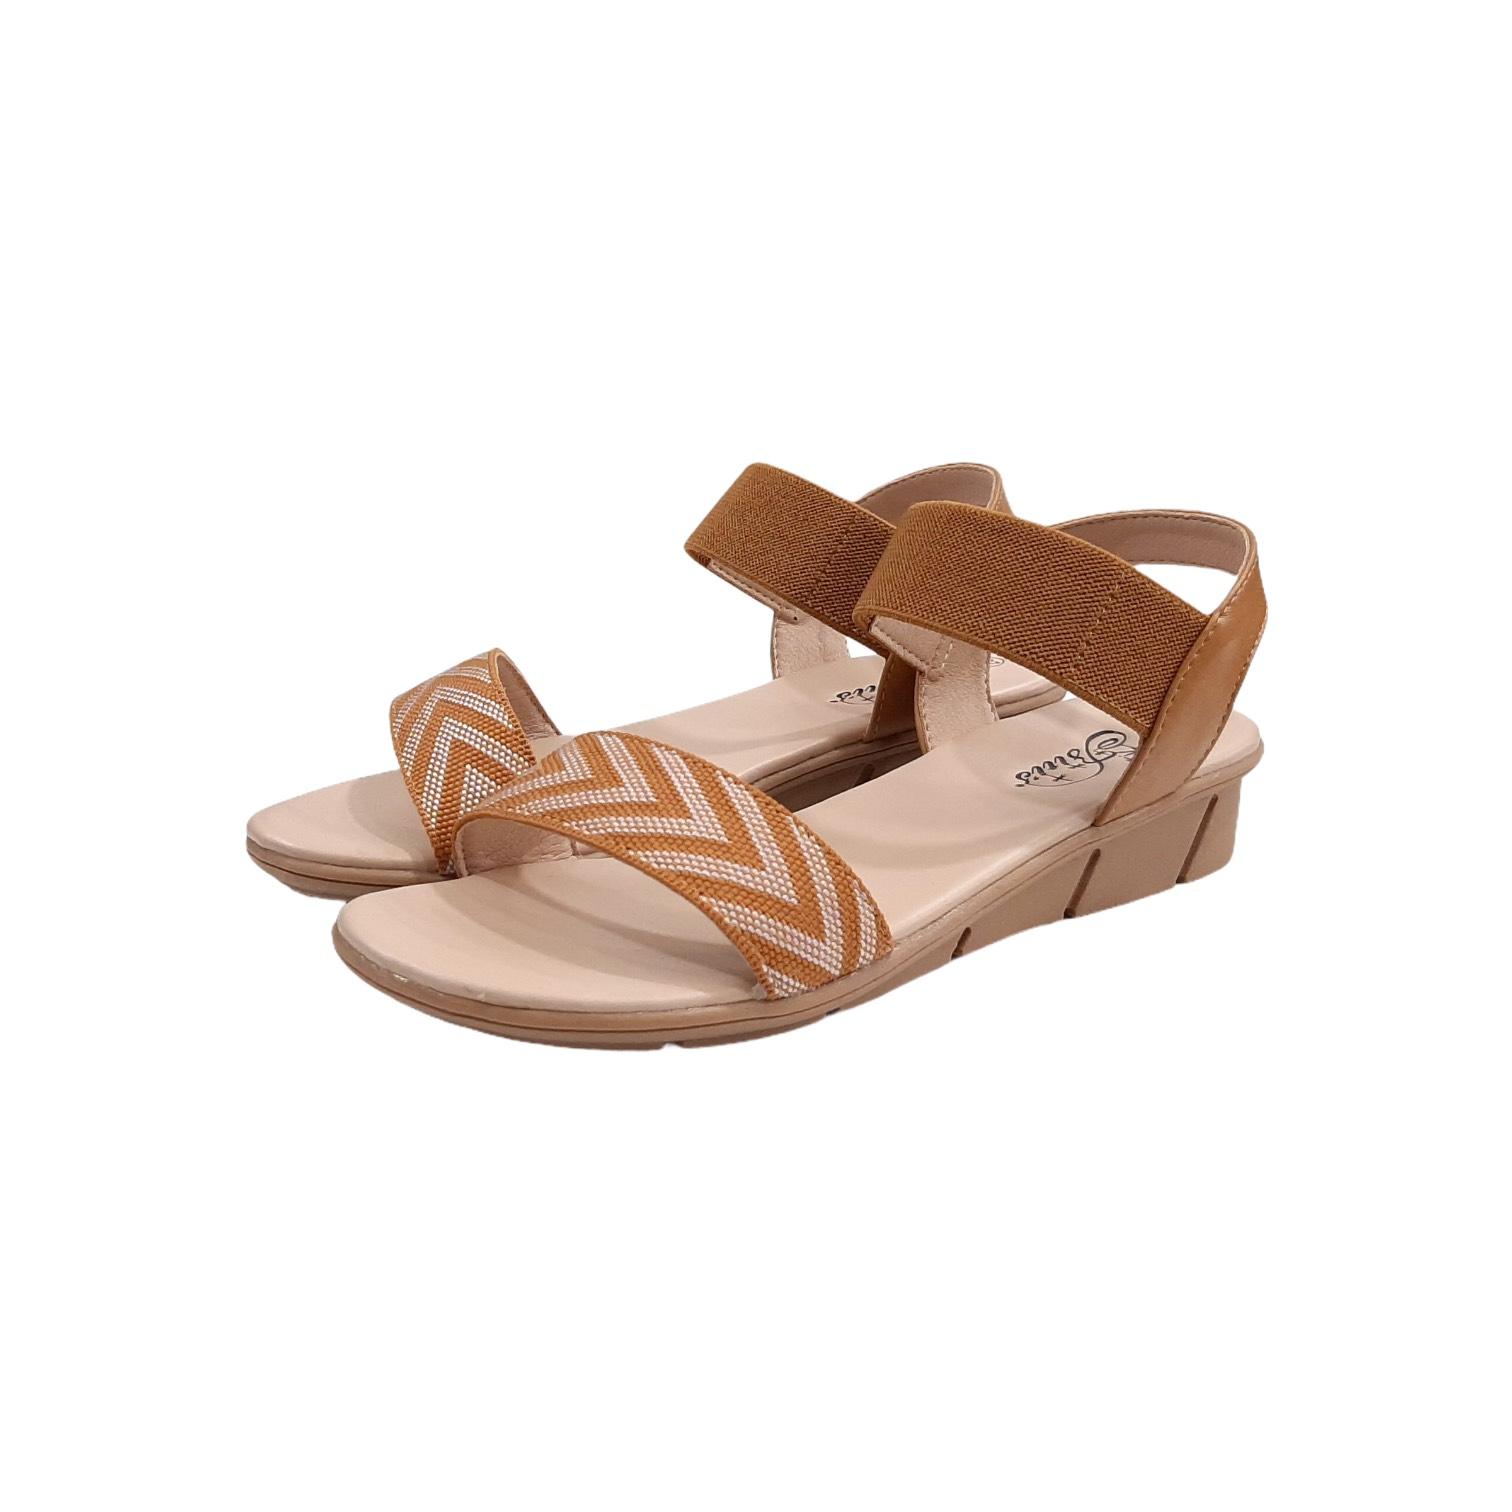 Sandal nữ Quai Đơn, Sandal nữ quai chun, Sandal đế bằng DTW009788NAU